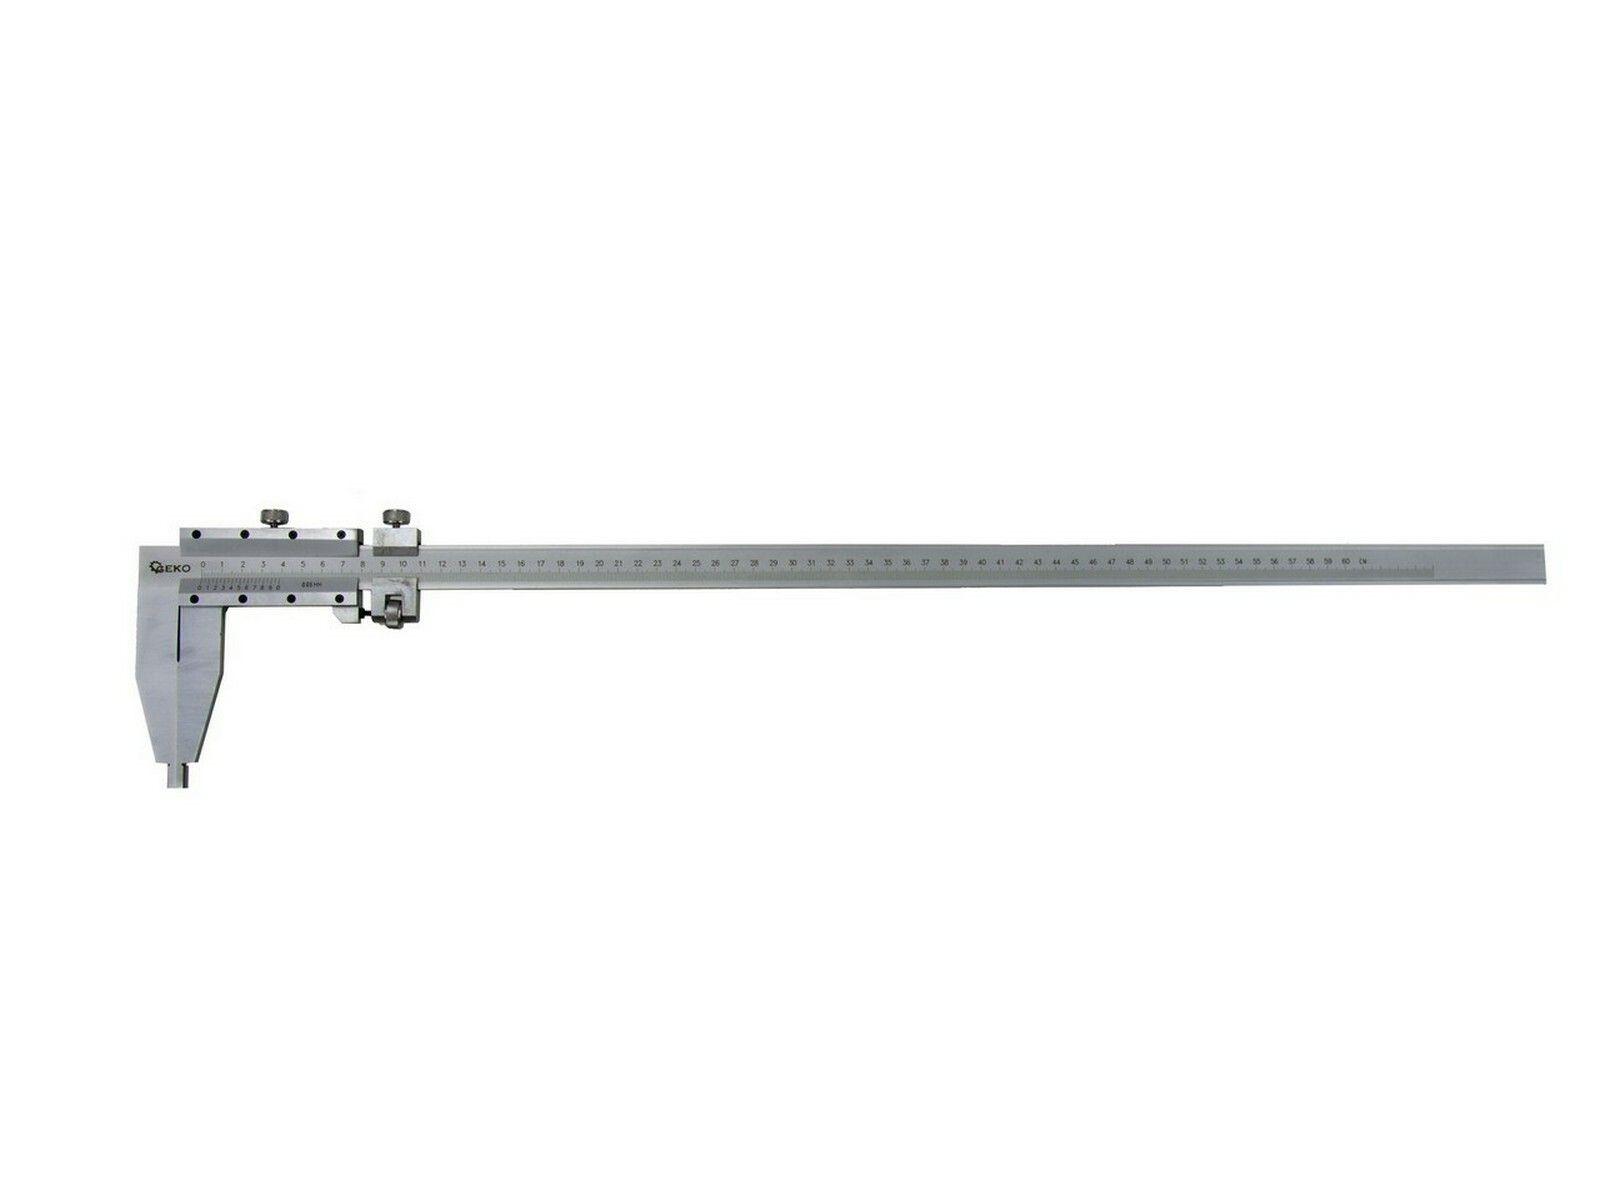 Měřítko posuvné kovové, 0-600mm x 0,05, GEKO